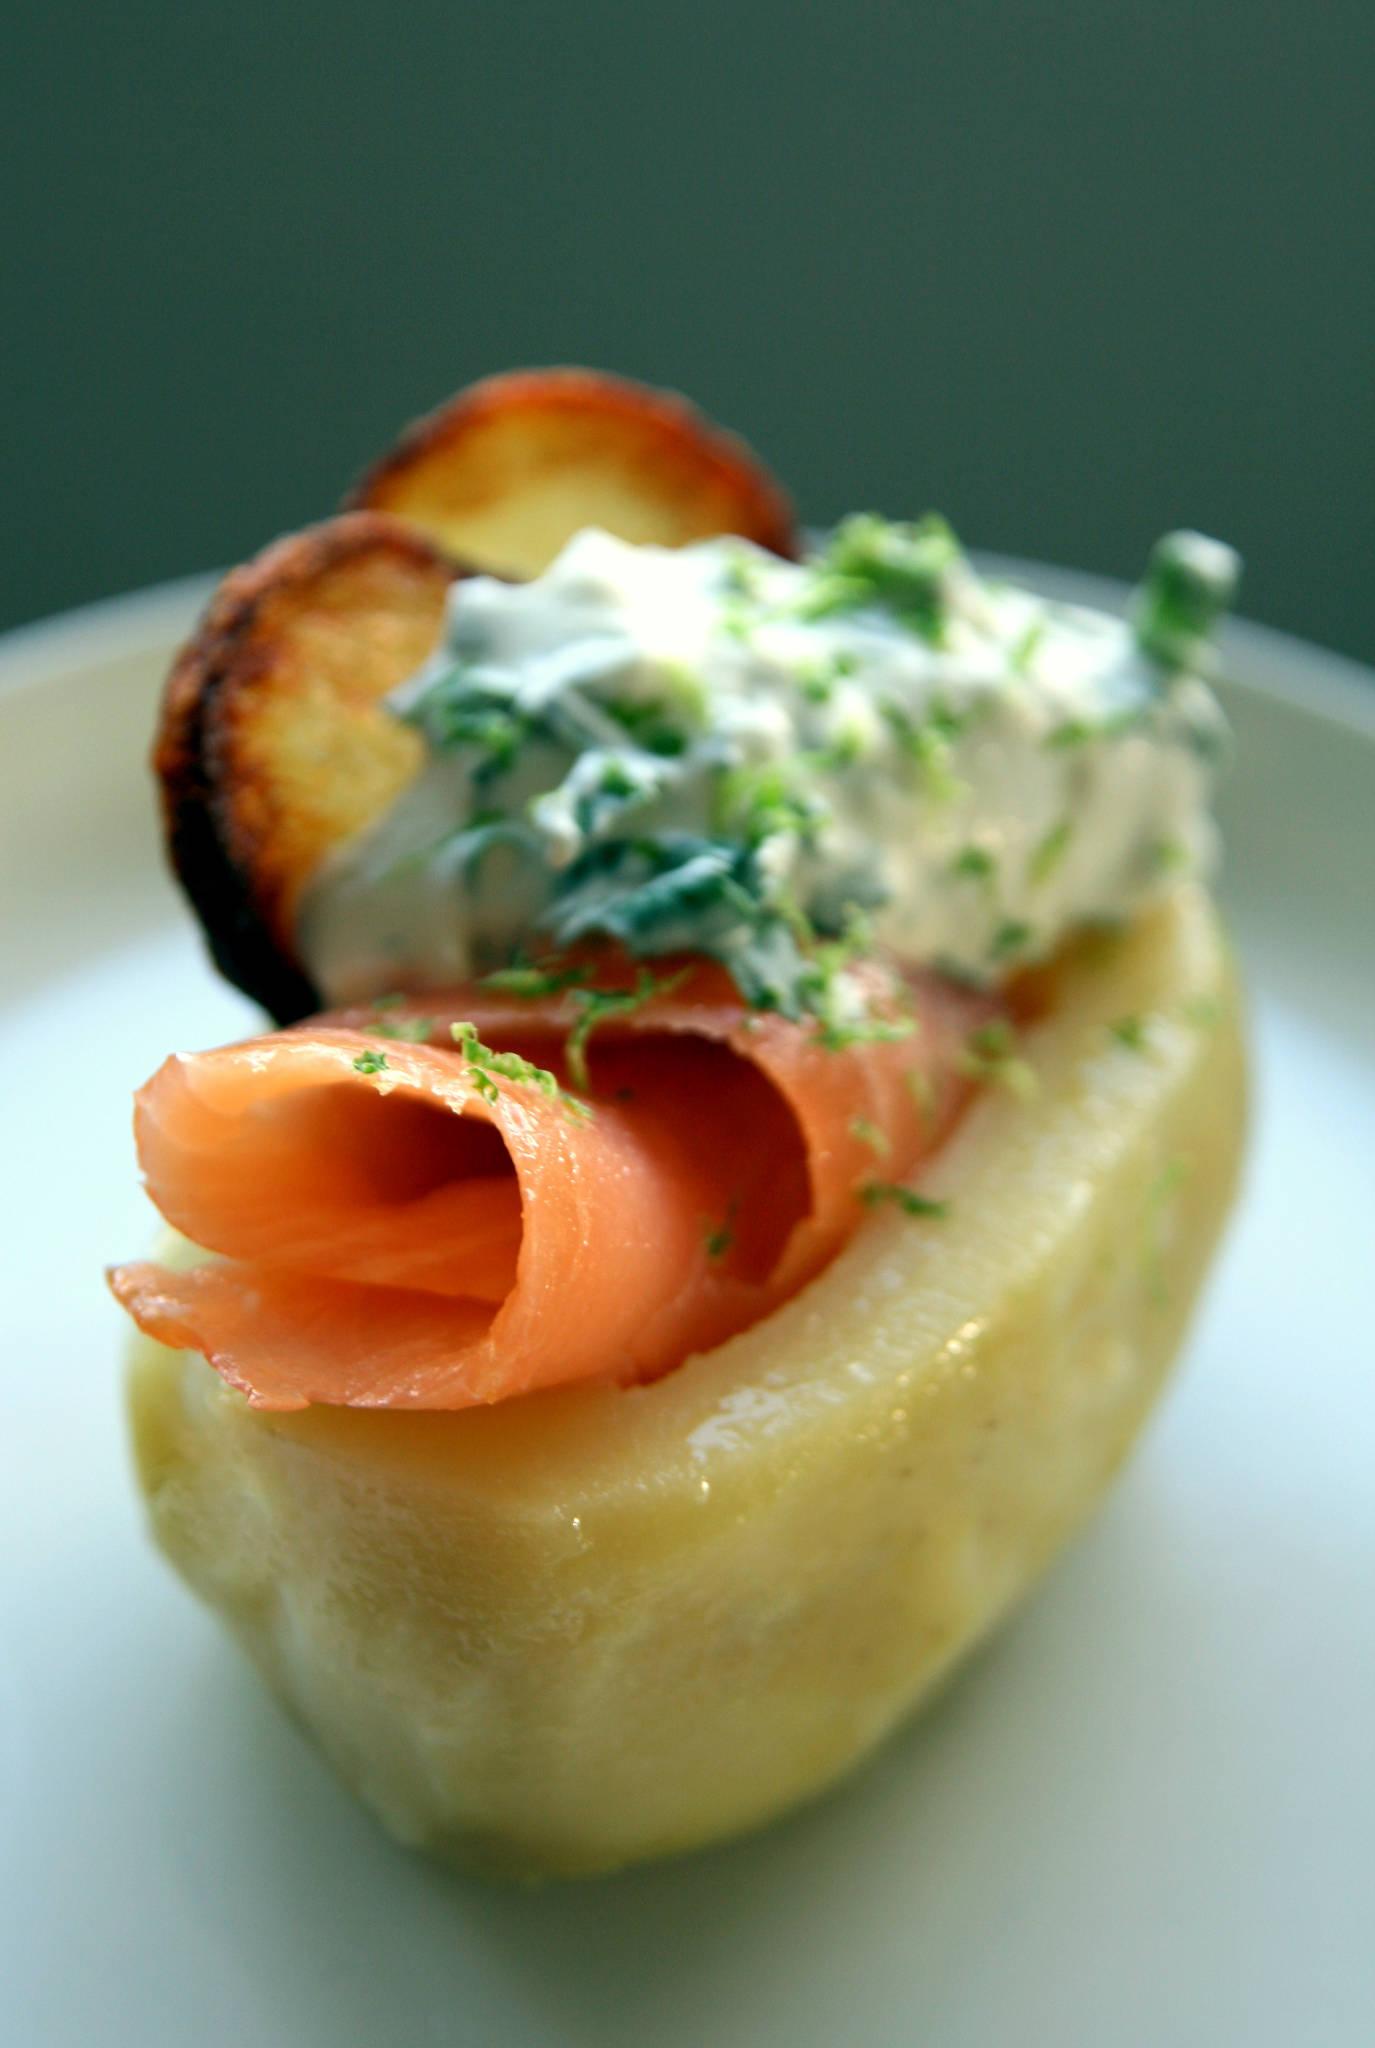 Pomme de terre et saumon fumé, crème de Bresse citronnée à la coriandre